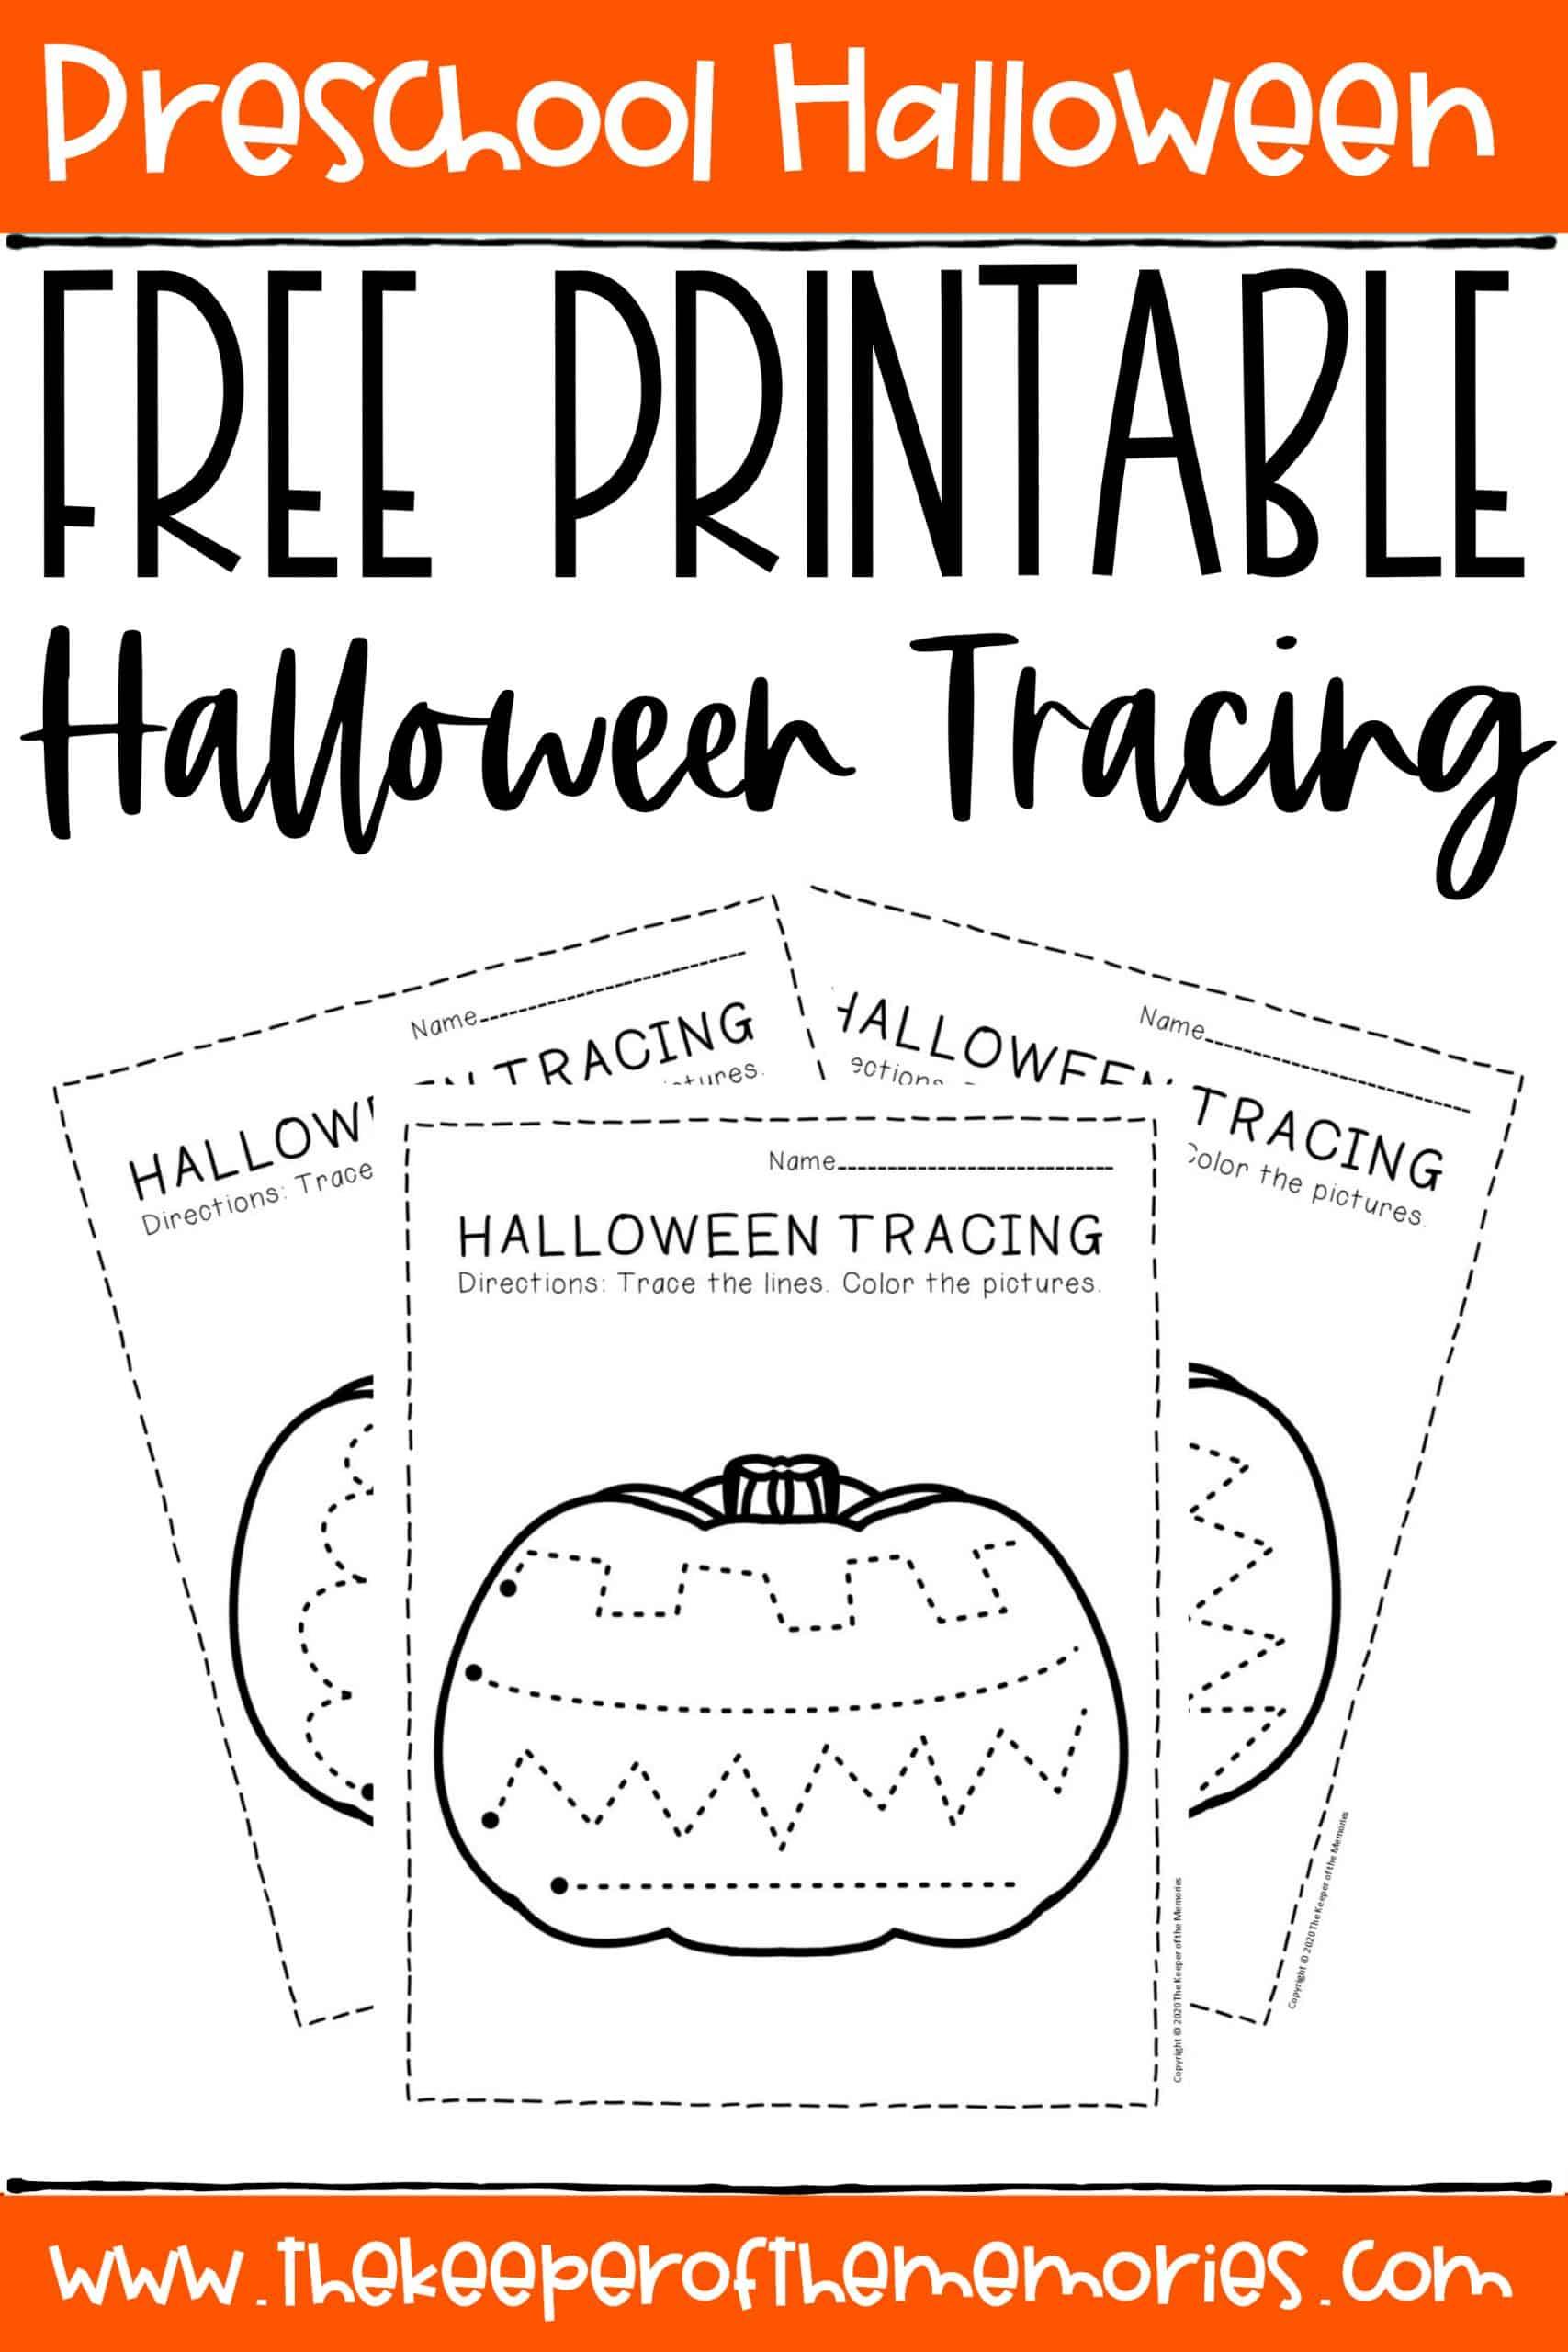 Free Printable Tracing Halloween Preschool Worksheets